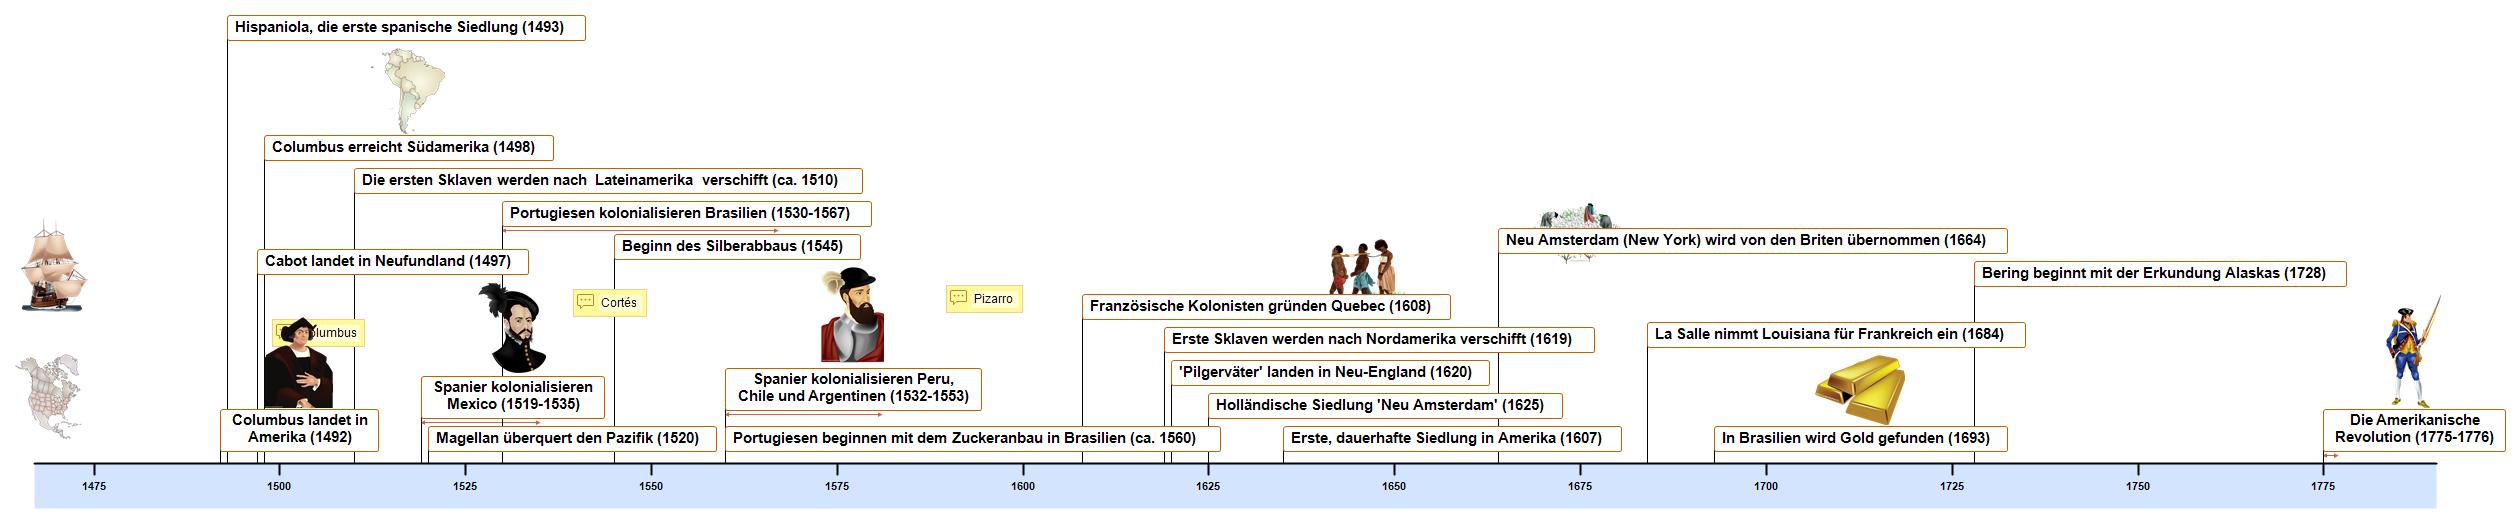 Die Neue Welt Timeline